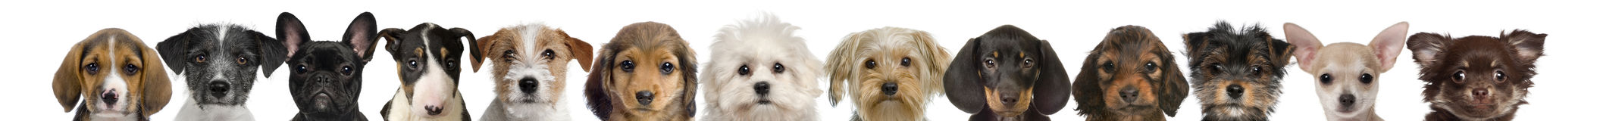 Ideia das cabeças do filhote de cachorro Imagens de Stock